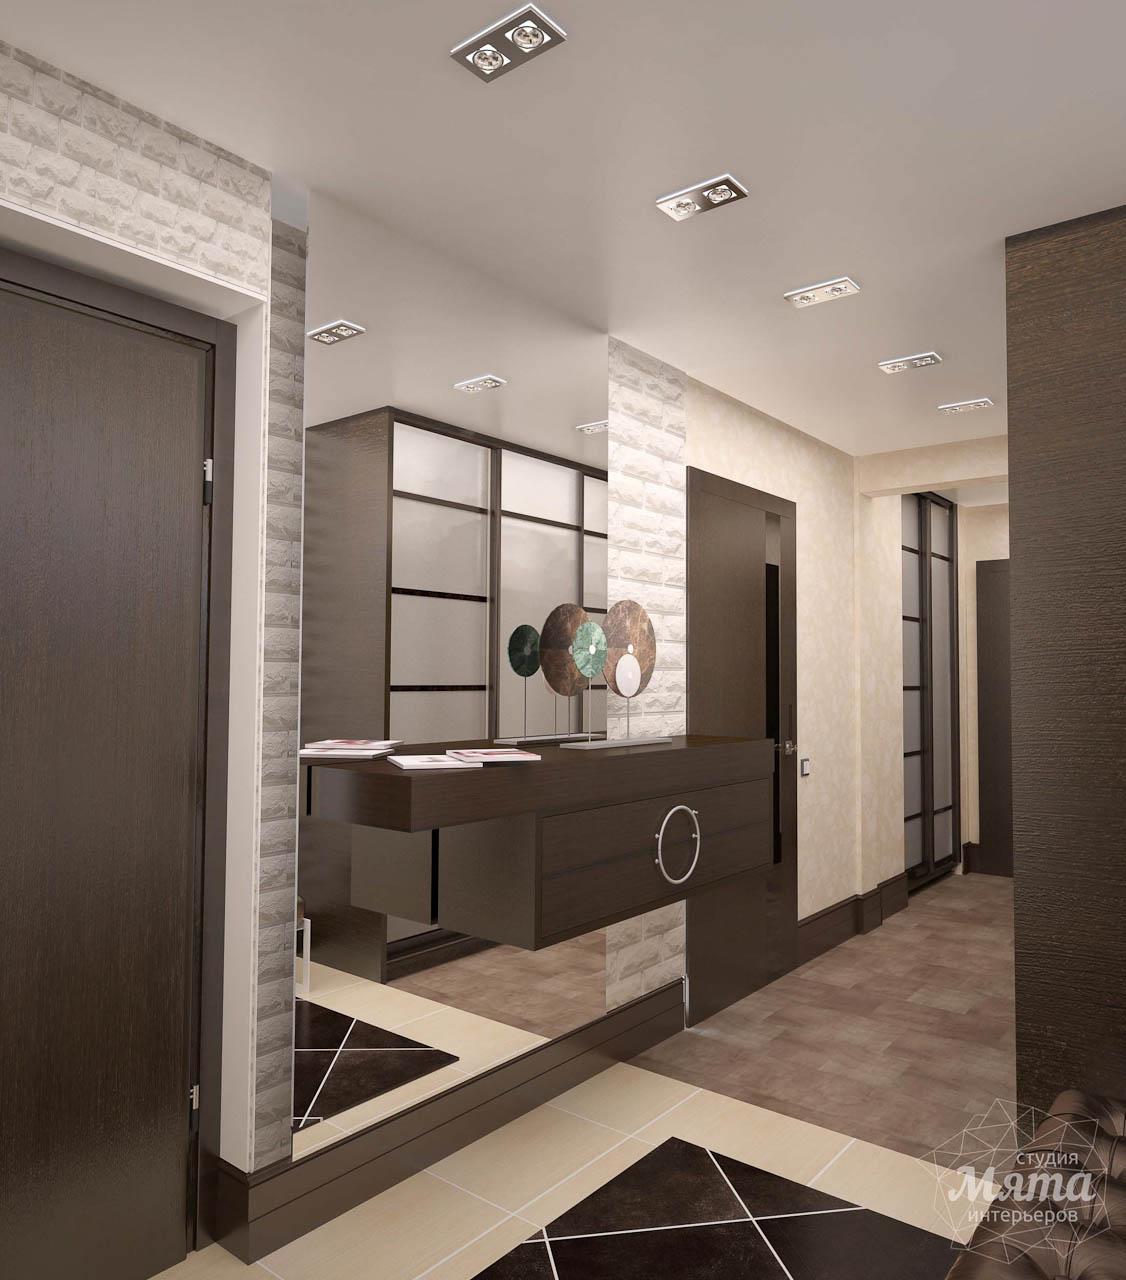 Дизайн интерьера трехкомнатной квартиры по ул. Белинского 222 img147114208